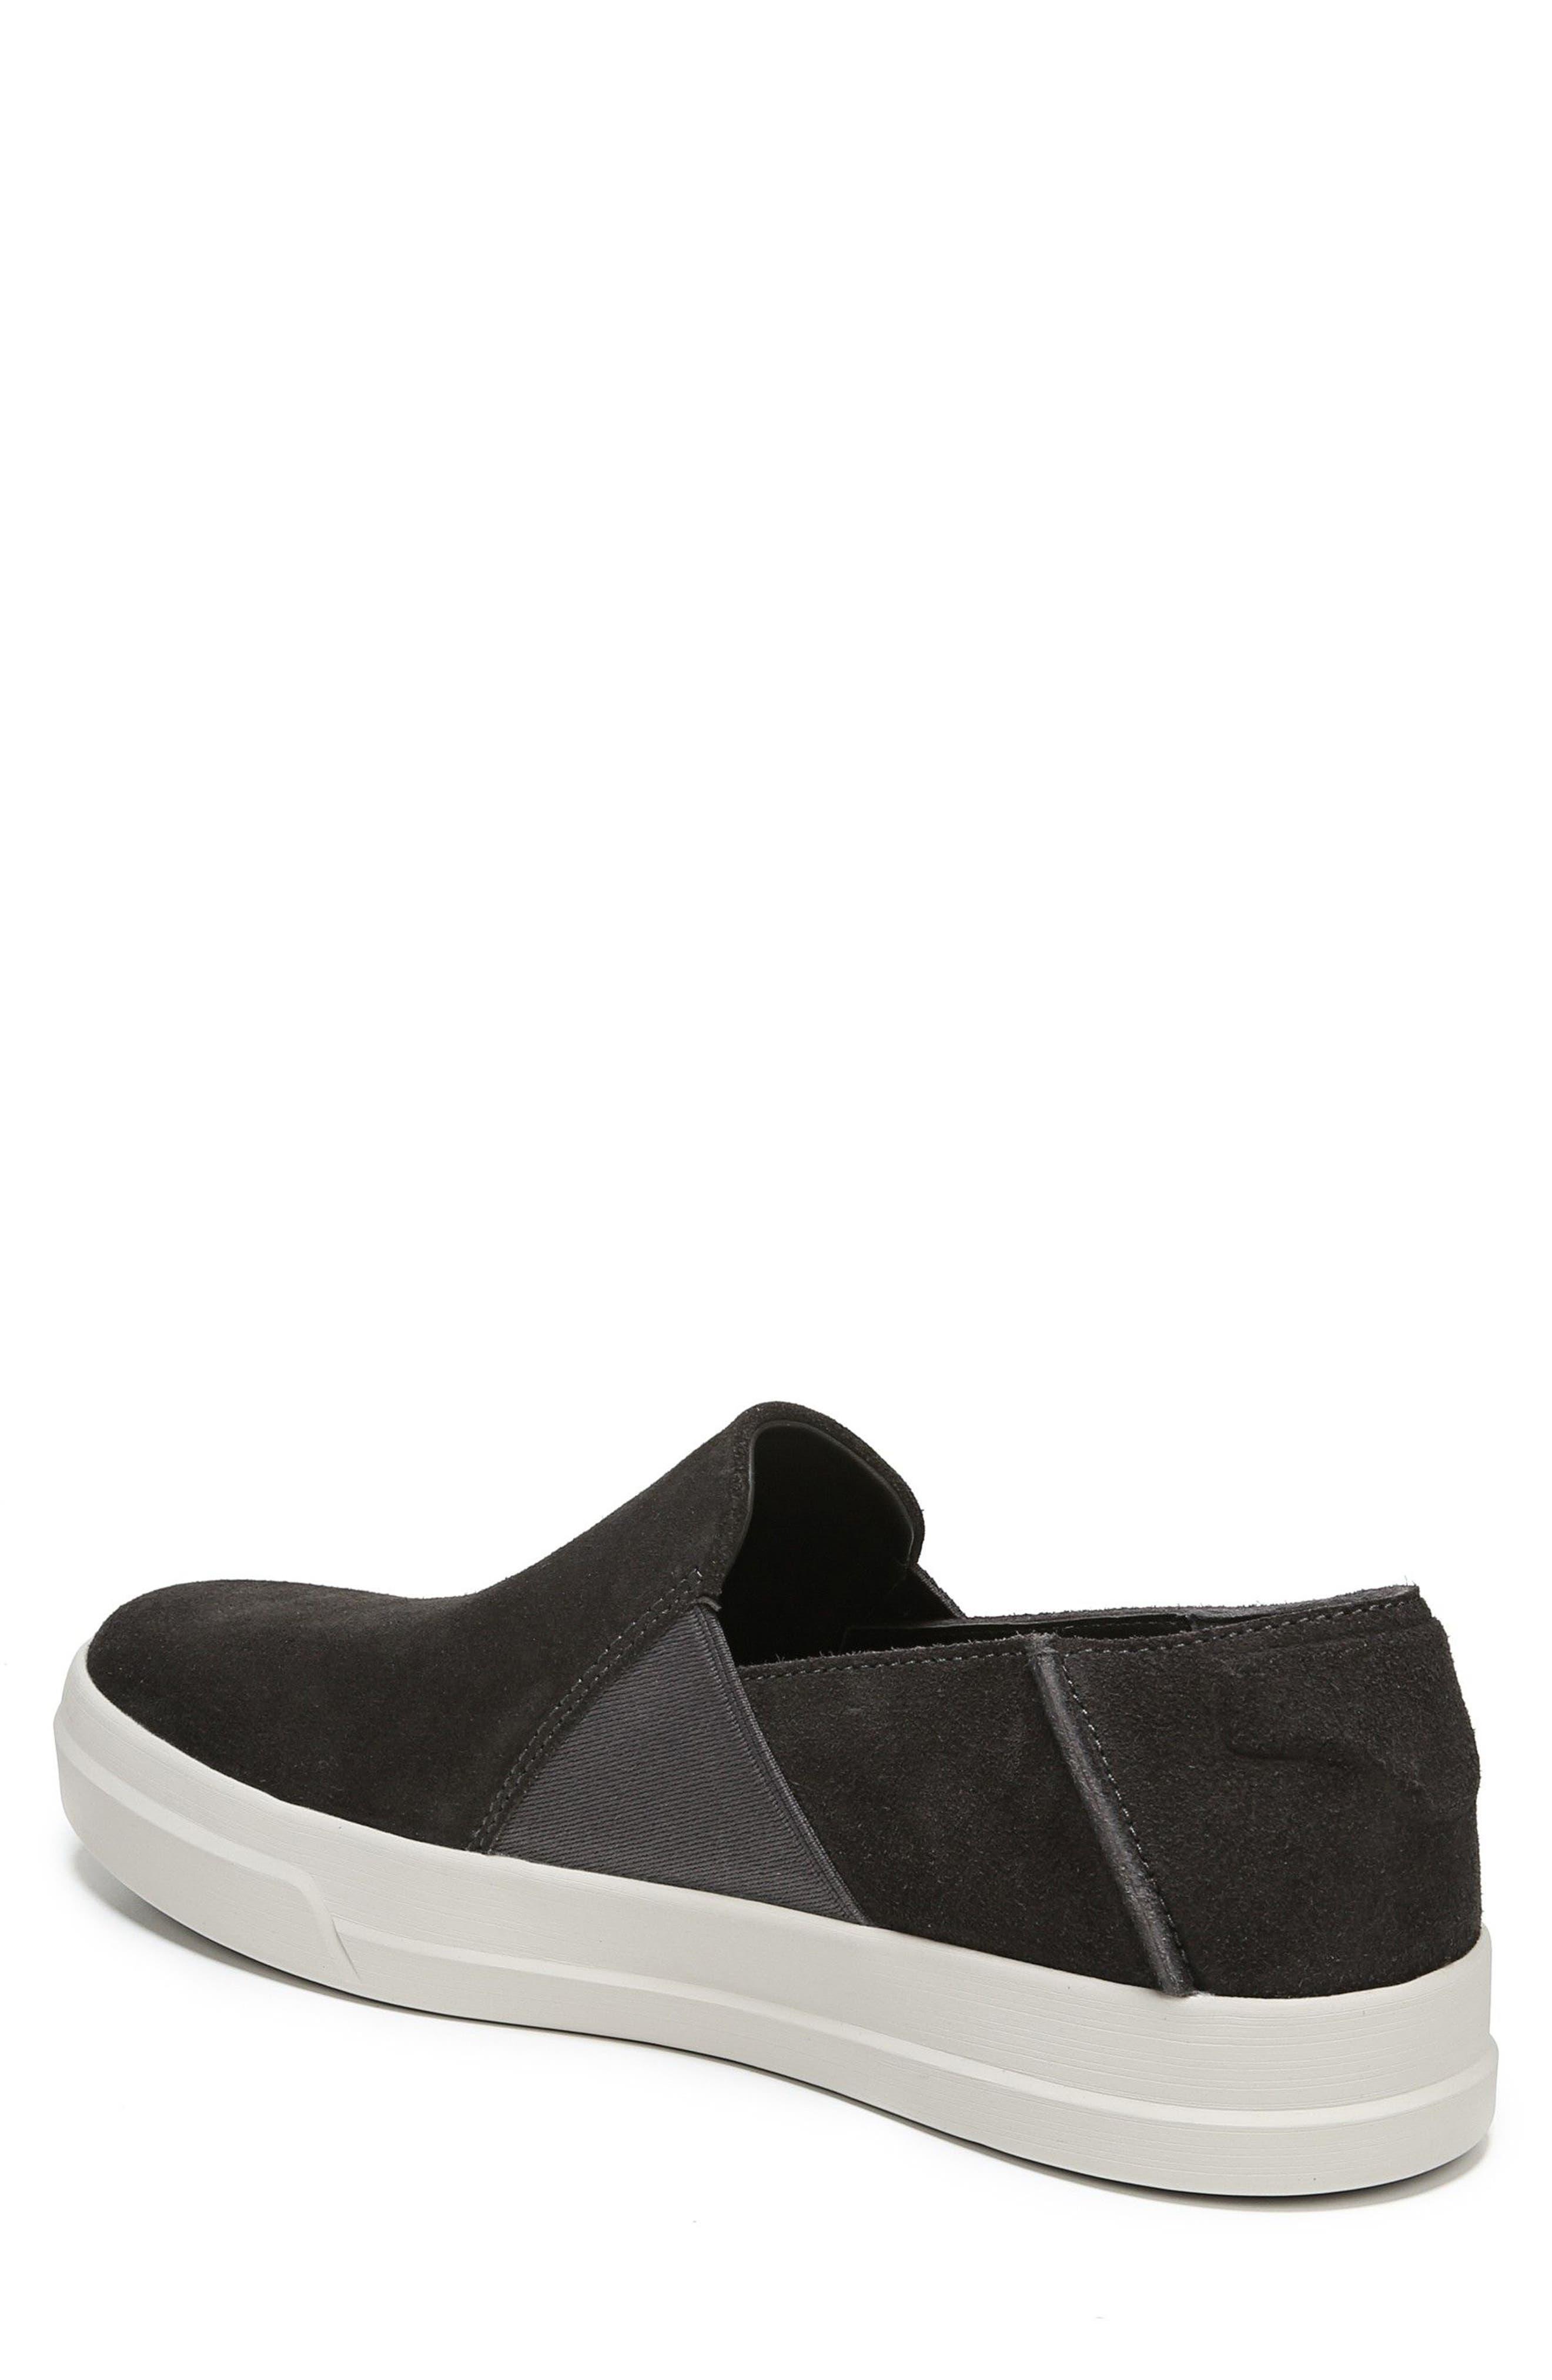 Carlin Slip-On Sneaker,                             Alternate thumbnail 2, color,                             Graphite